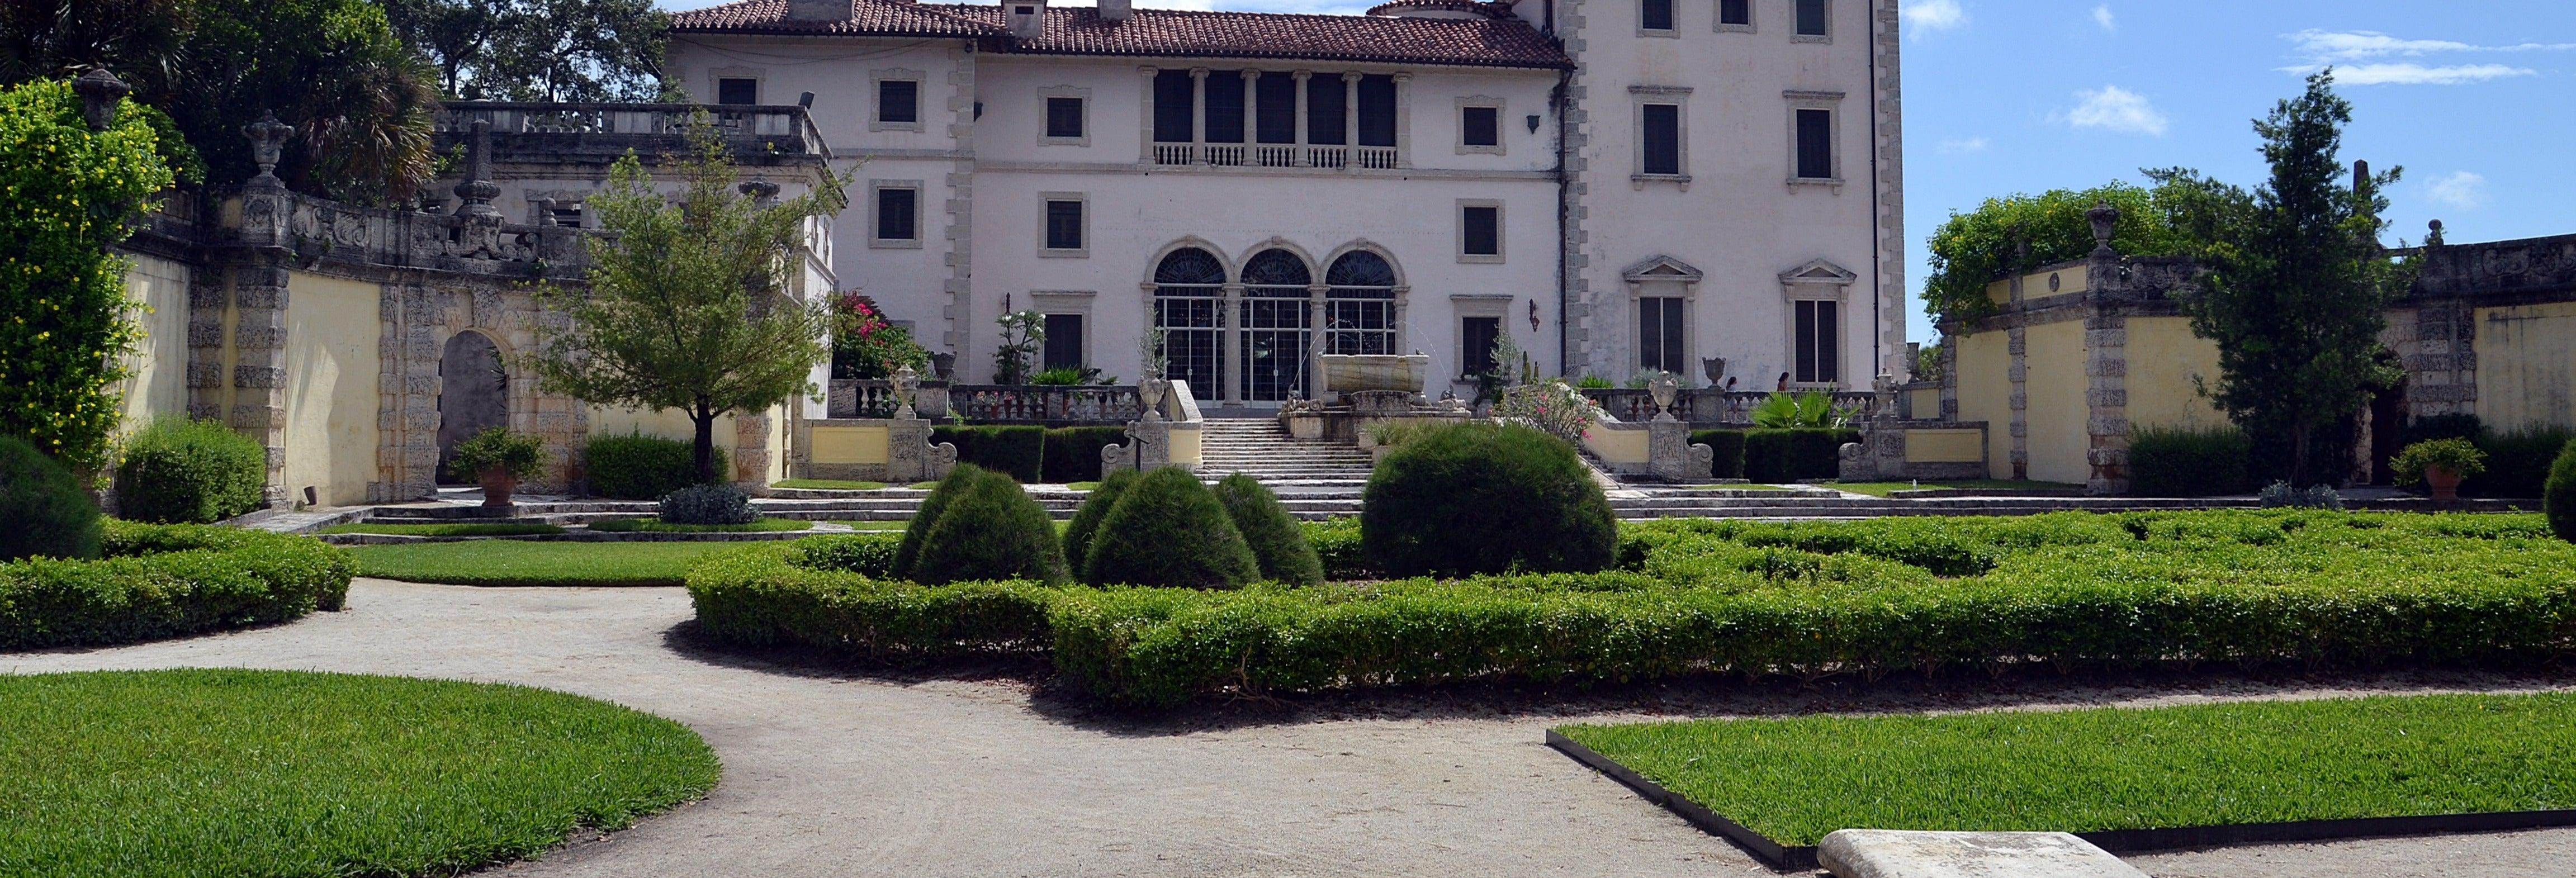 Ticket to Villa Vizcaya and Gardens